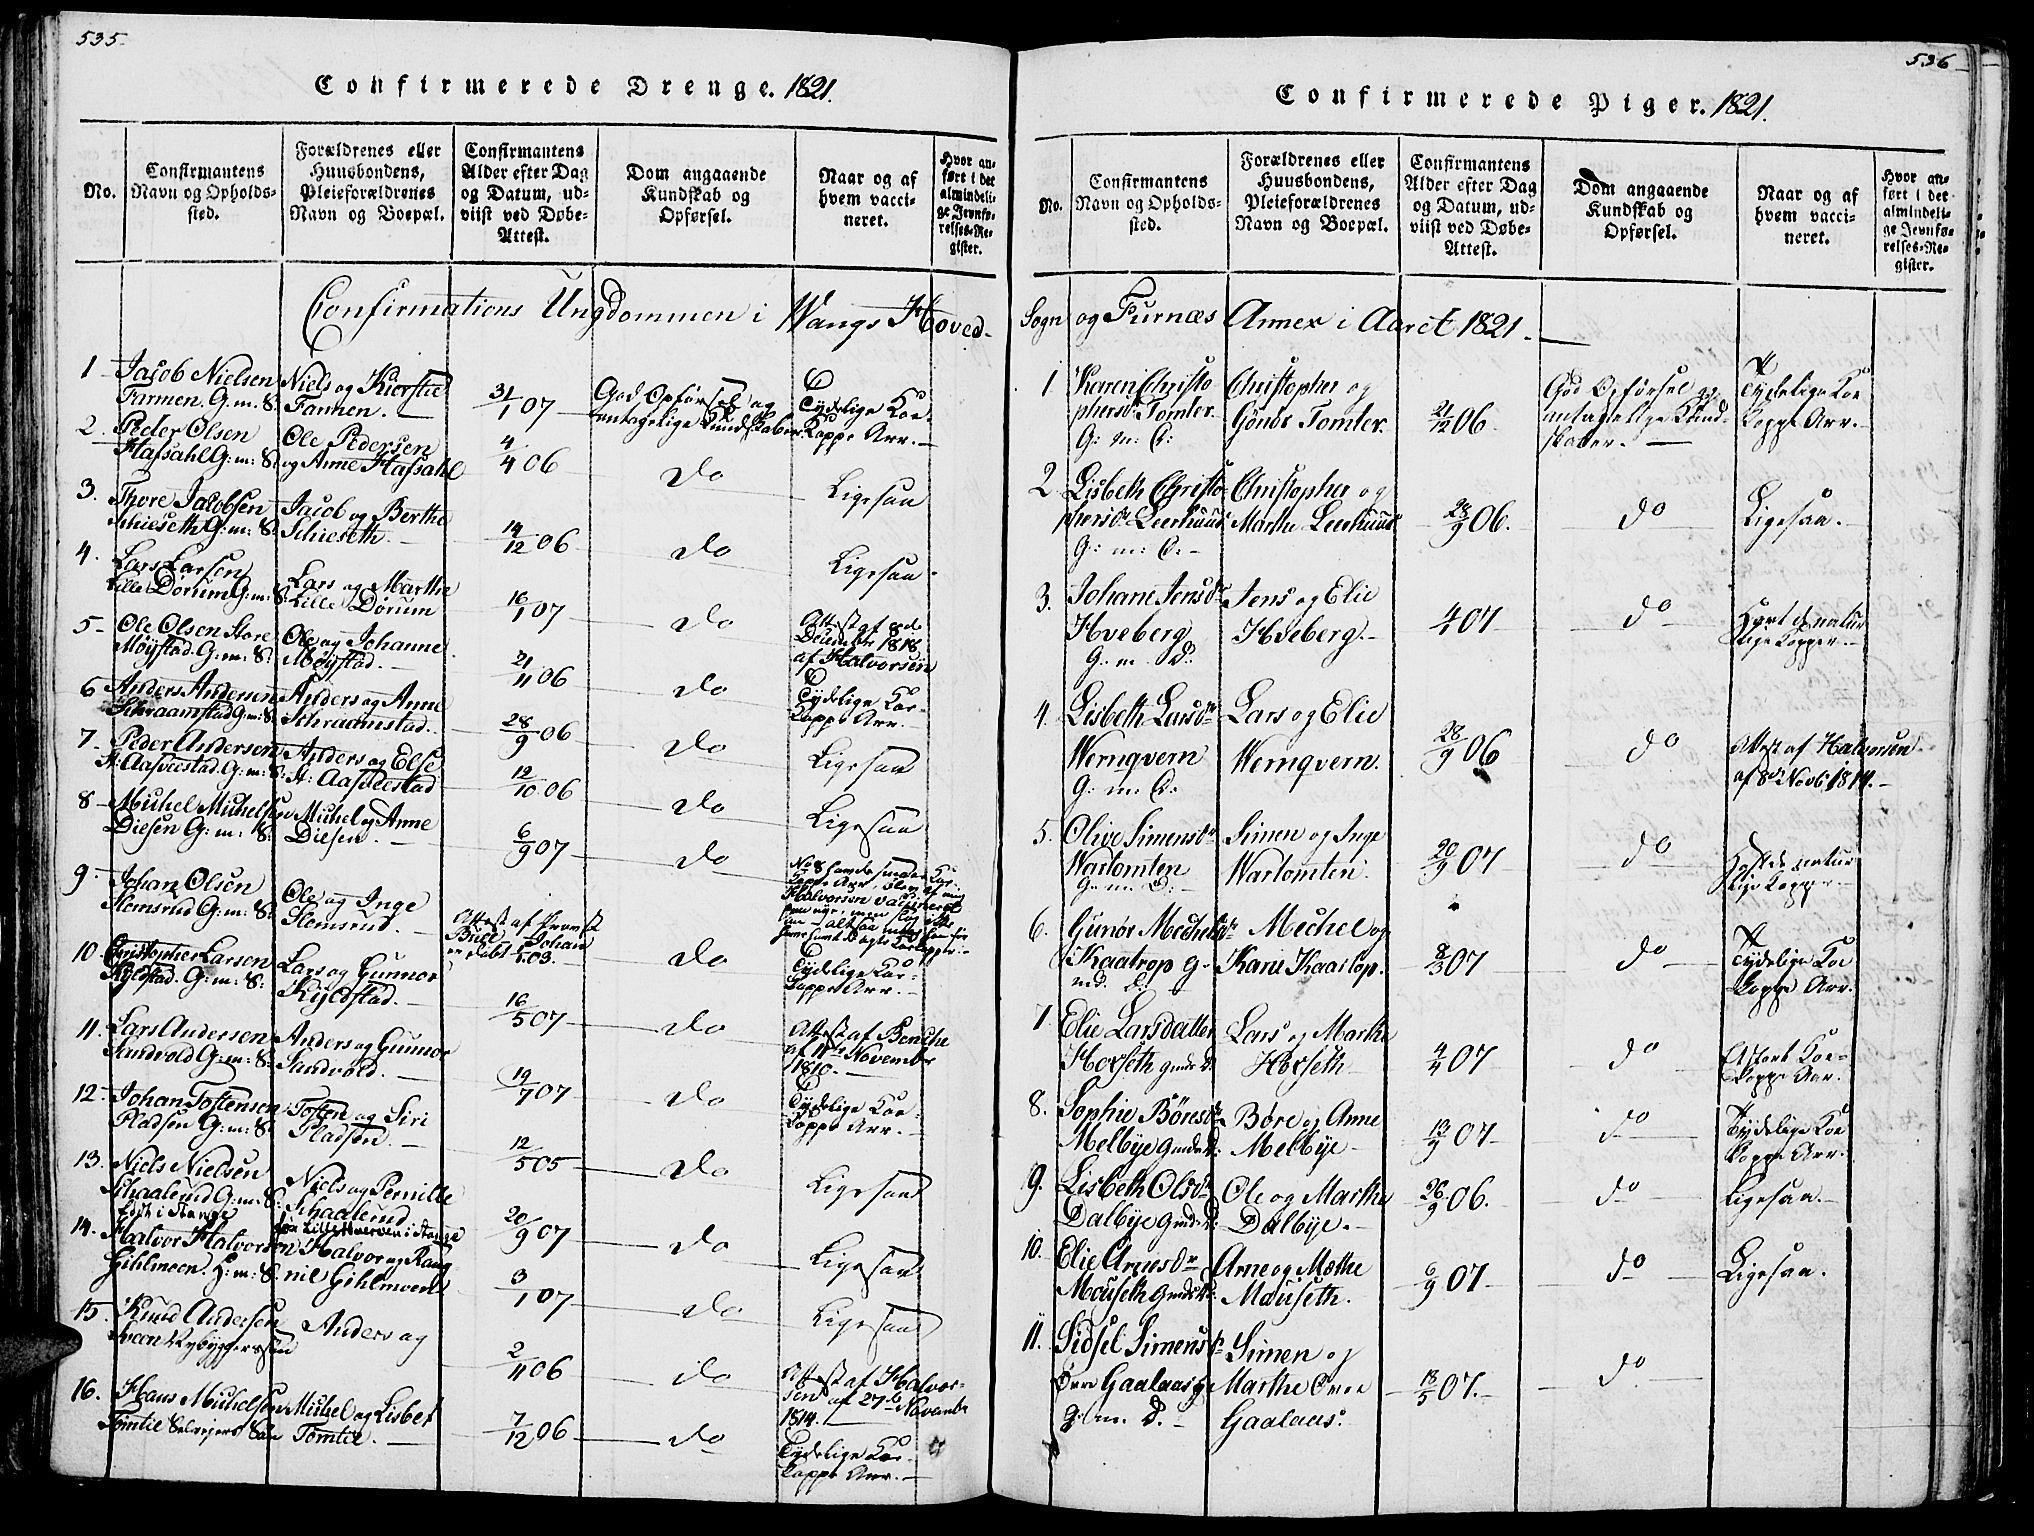 SAH, Vang prestekontor, Hedmark, H/Ha/Haa/L0007: Ministerialbok nr. 7, 1813-1826, s. 535-536